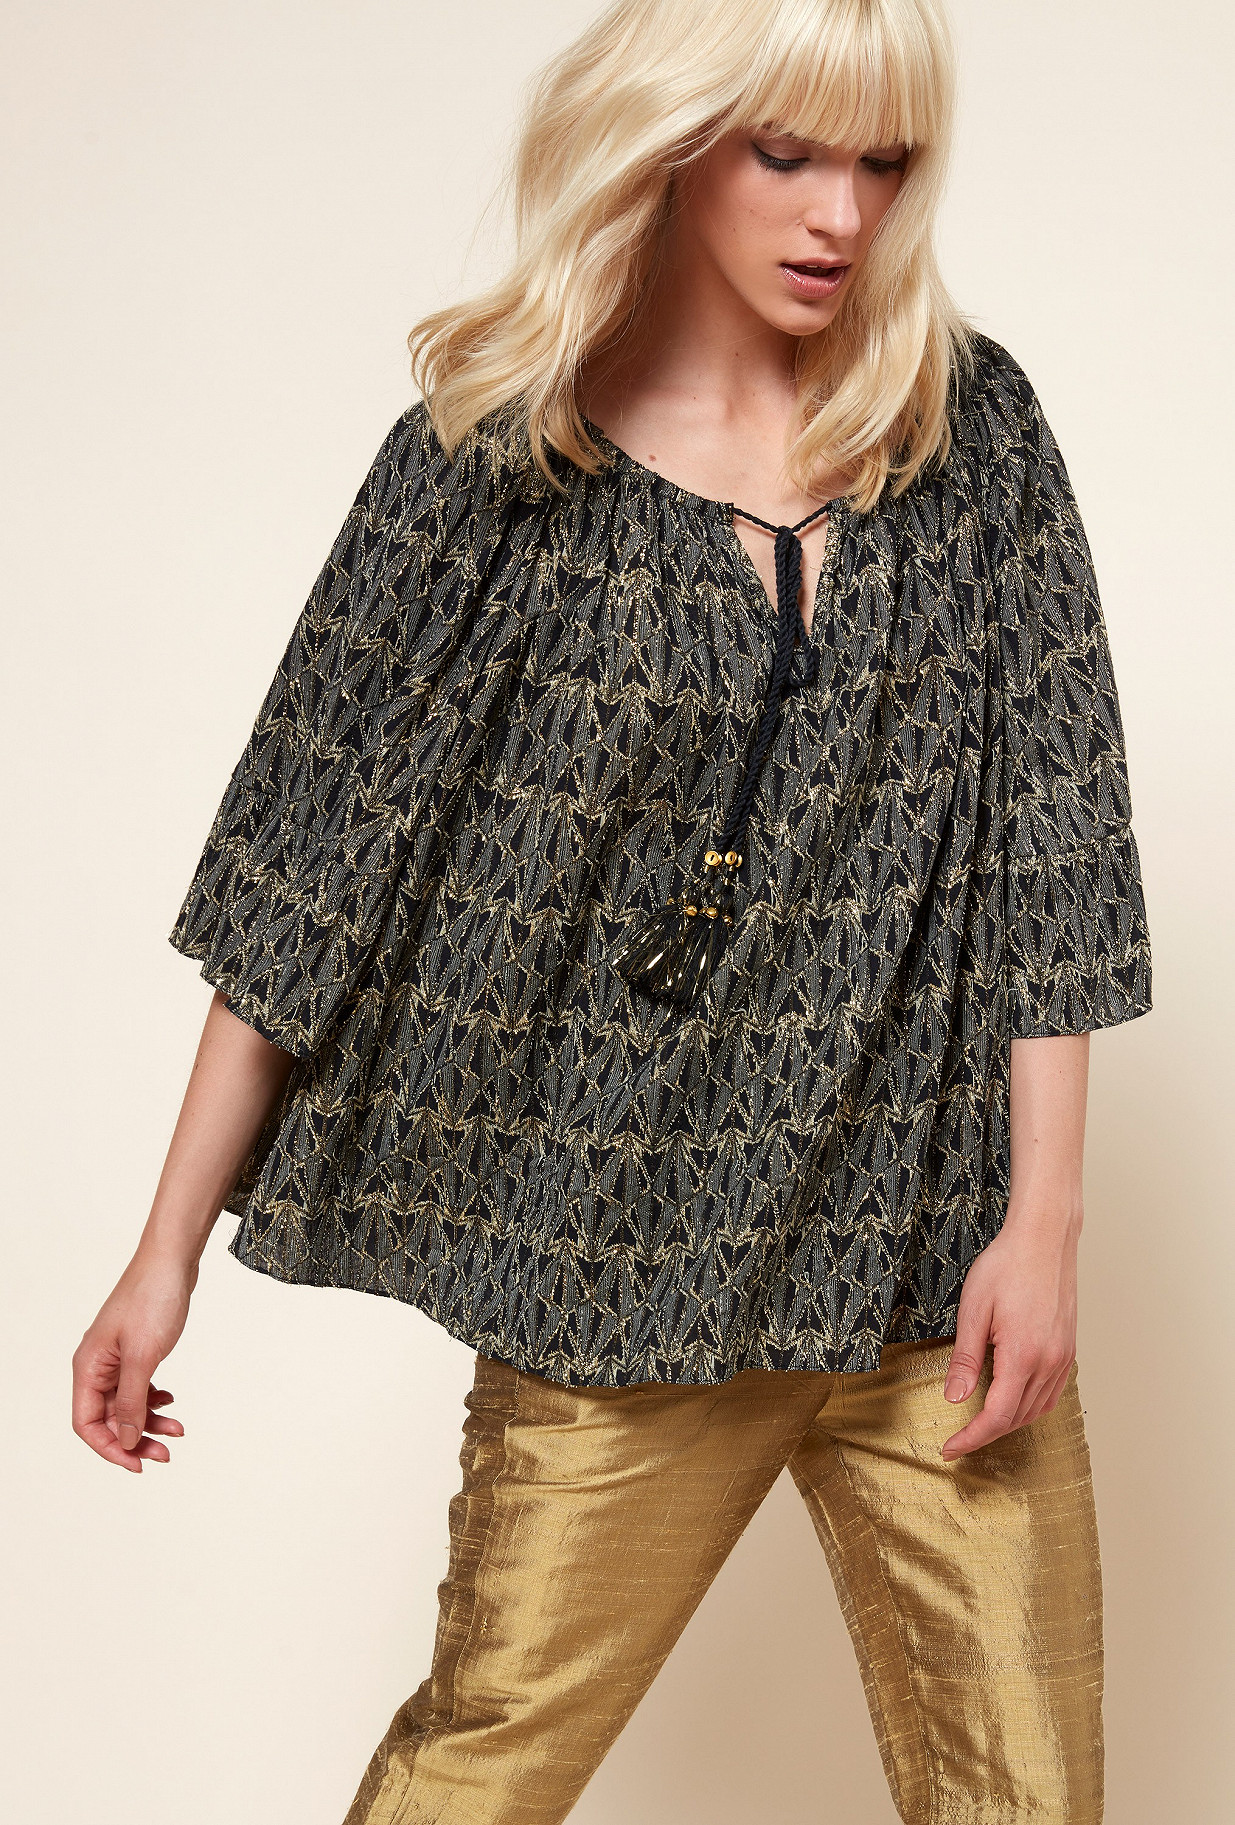 Black  Blouse  Bacchante Mes demoiselles fashion clothes designer Paris